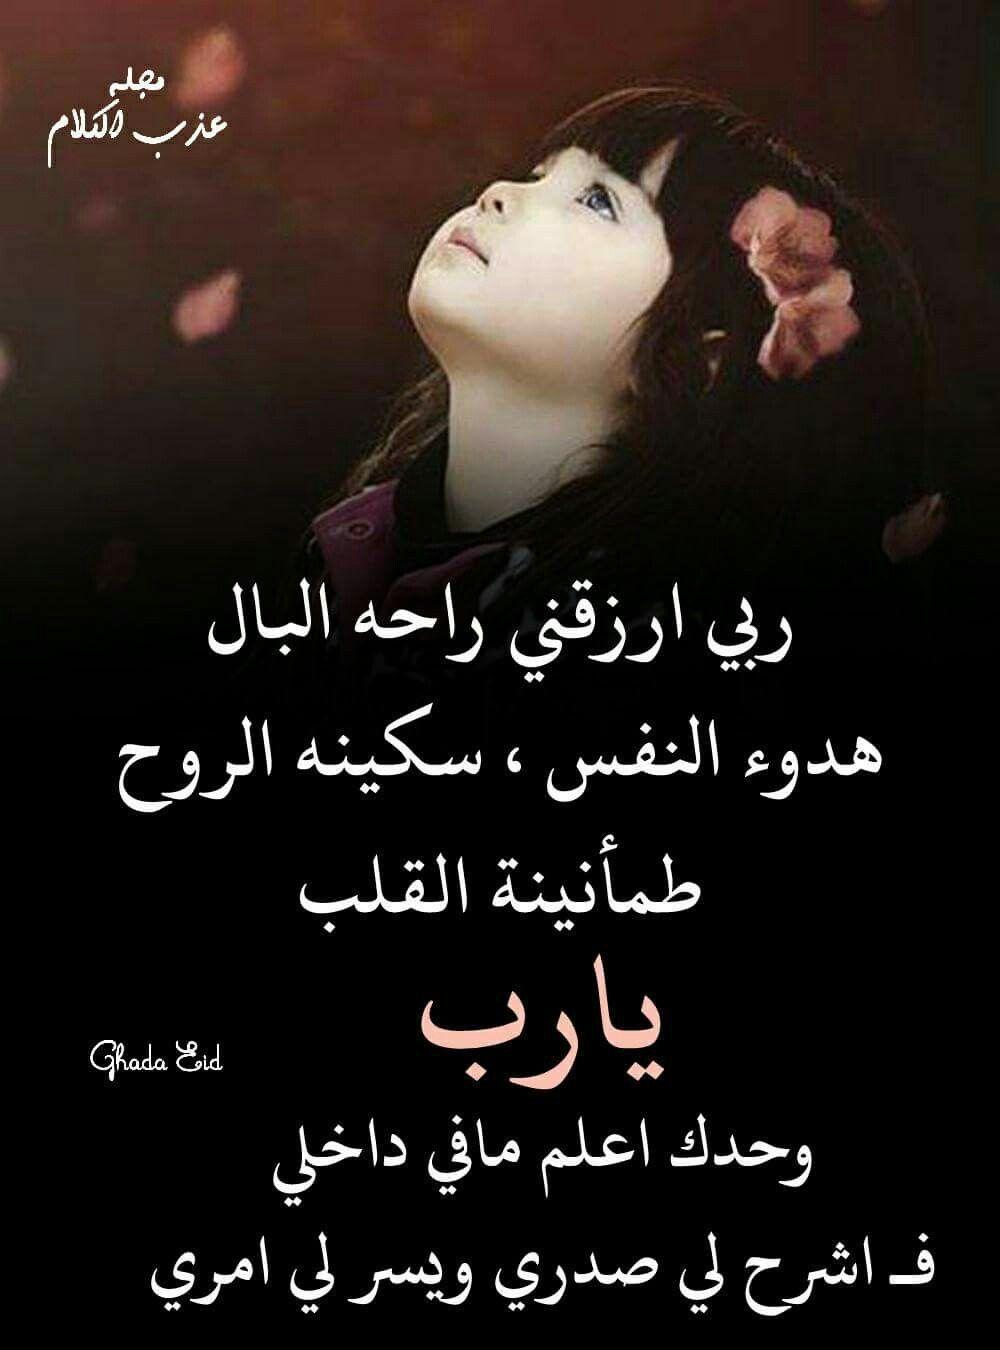 امين يارب العالمين Citations Arabes Citation Maroc